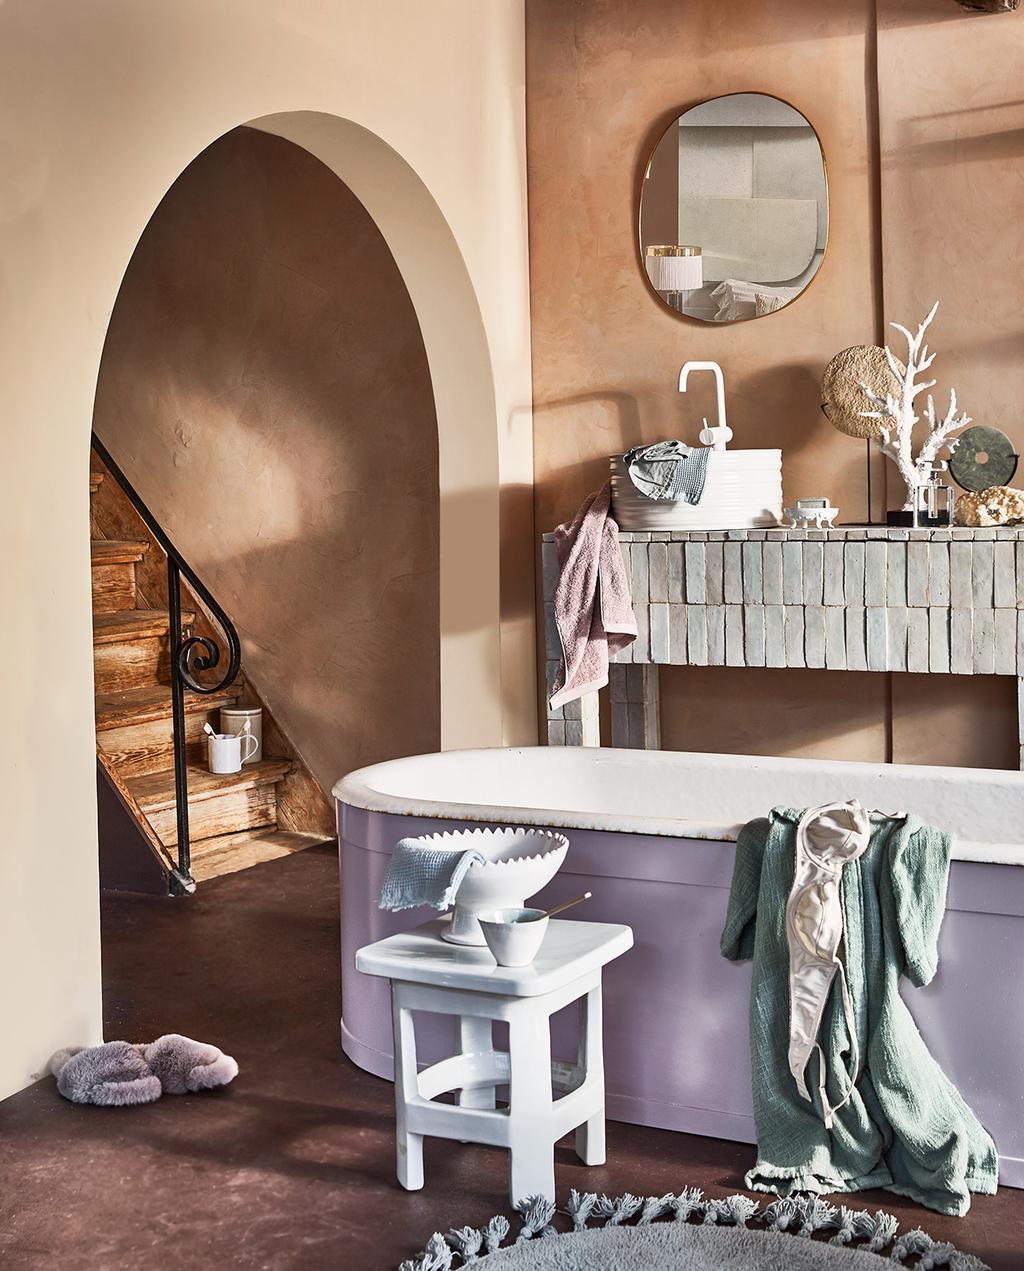 vtwonen 06-2021 | paars bad in de badkamer met een pastel wit trapje